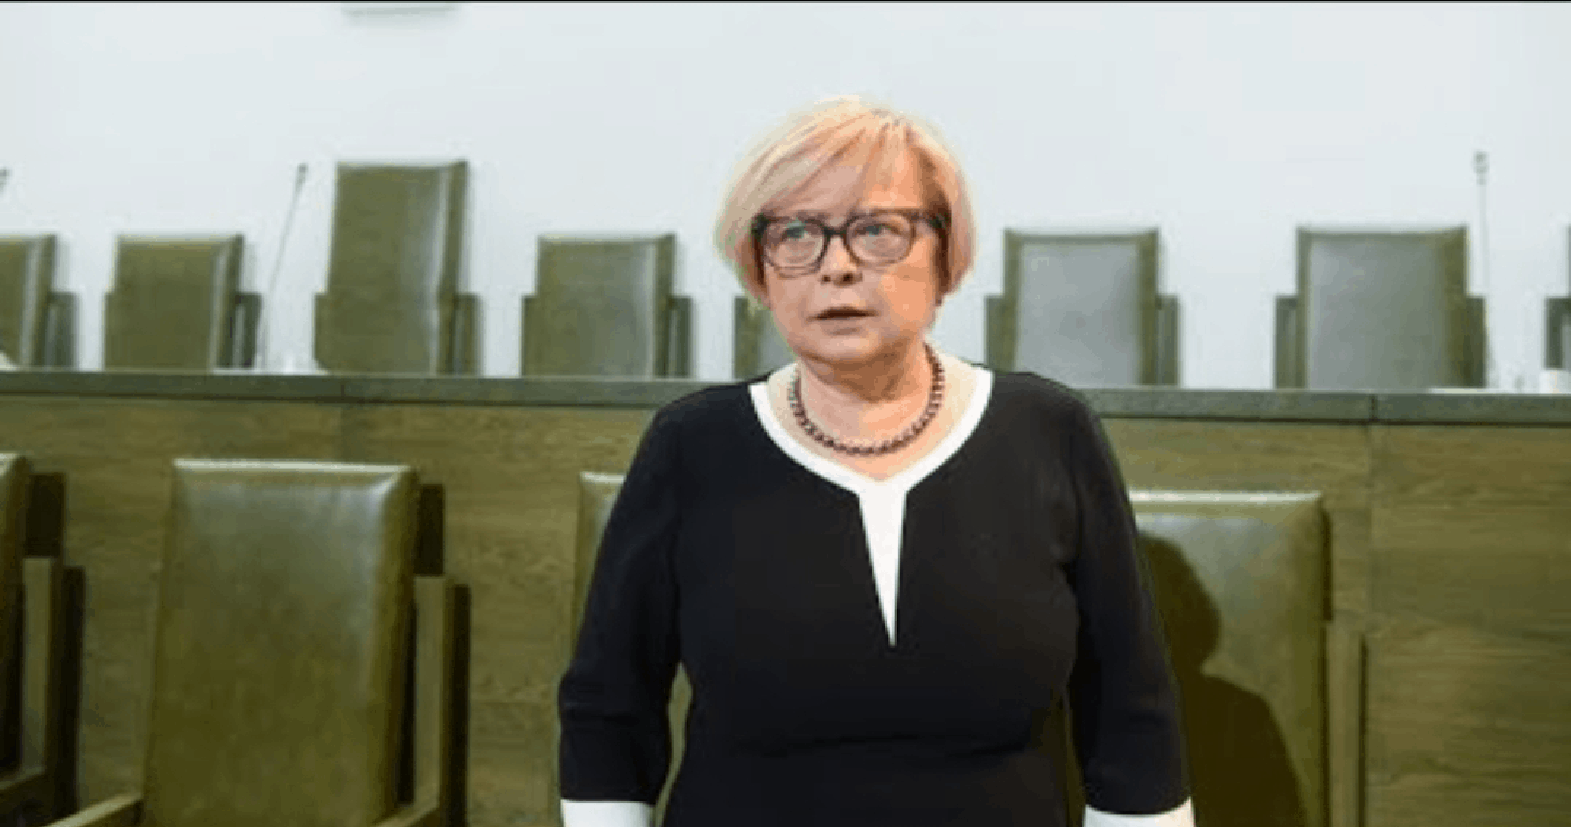 """Małgorzata Gersdorf otrzymała nagrodę fundacji""""Internationale Demokratiepreis Bonn"""" tym samym została uhonorowana przez Niemcy."""